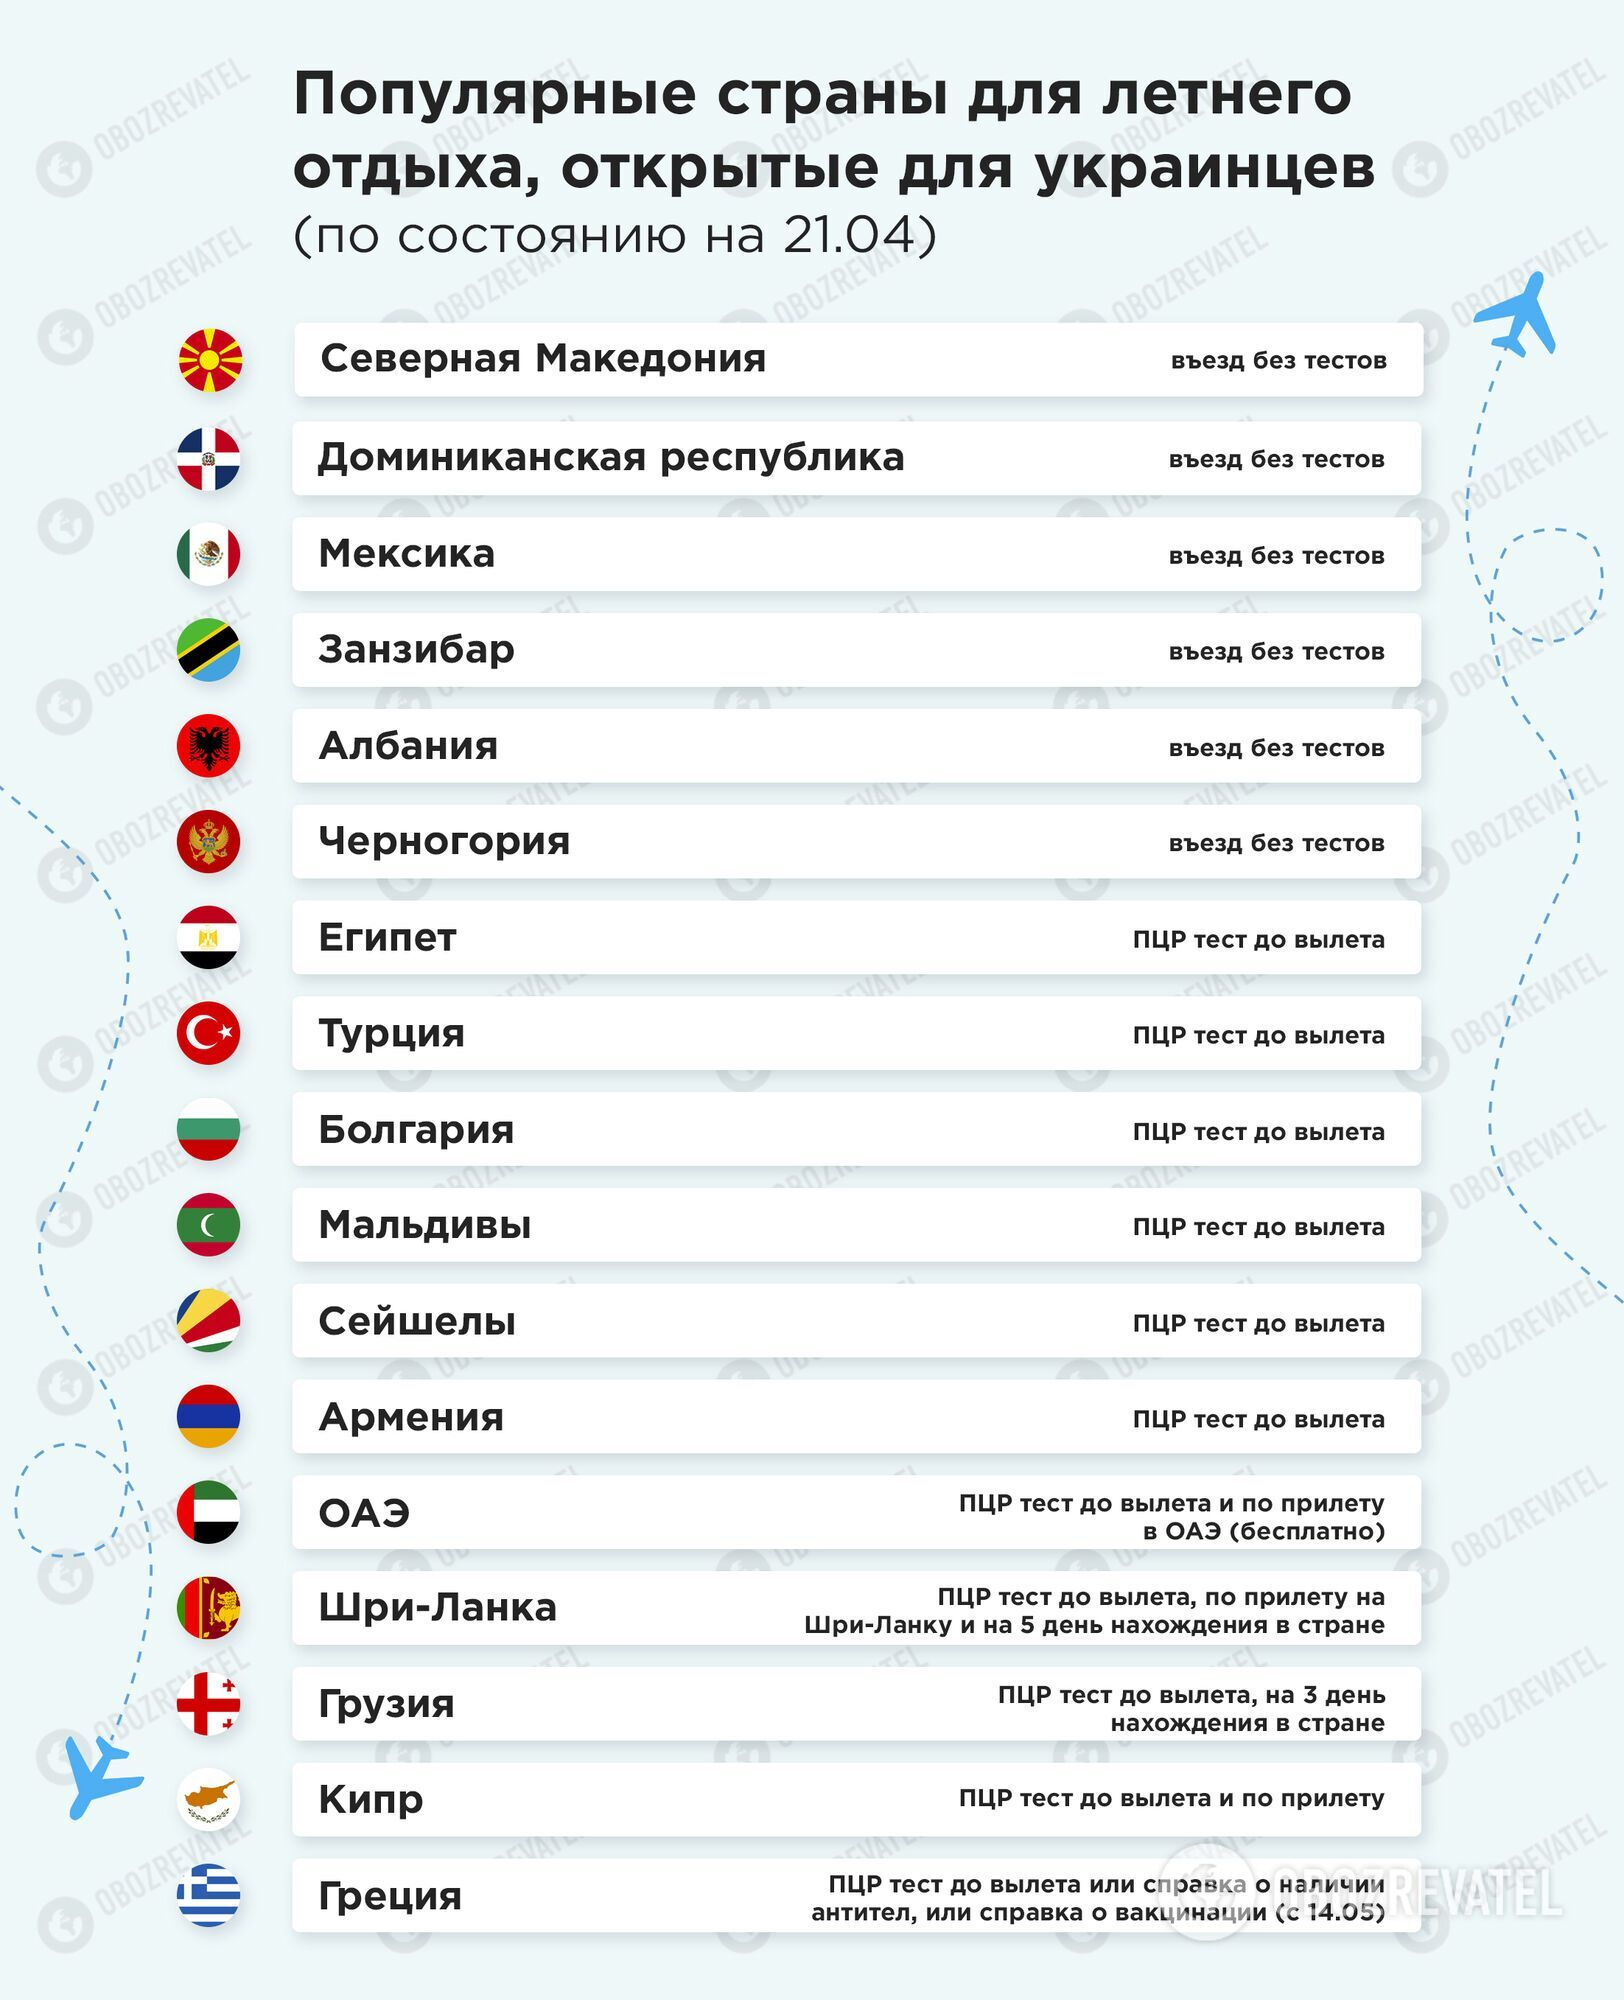 Для украинских туристов открыты 17 стран мира